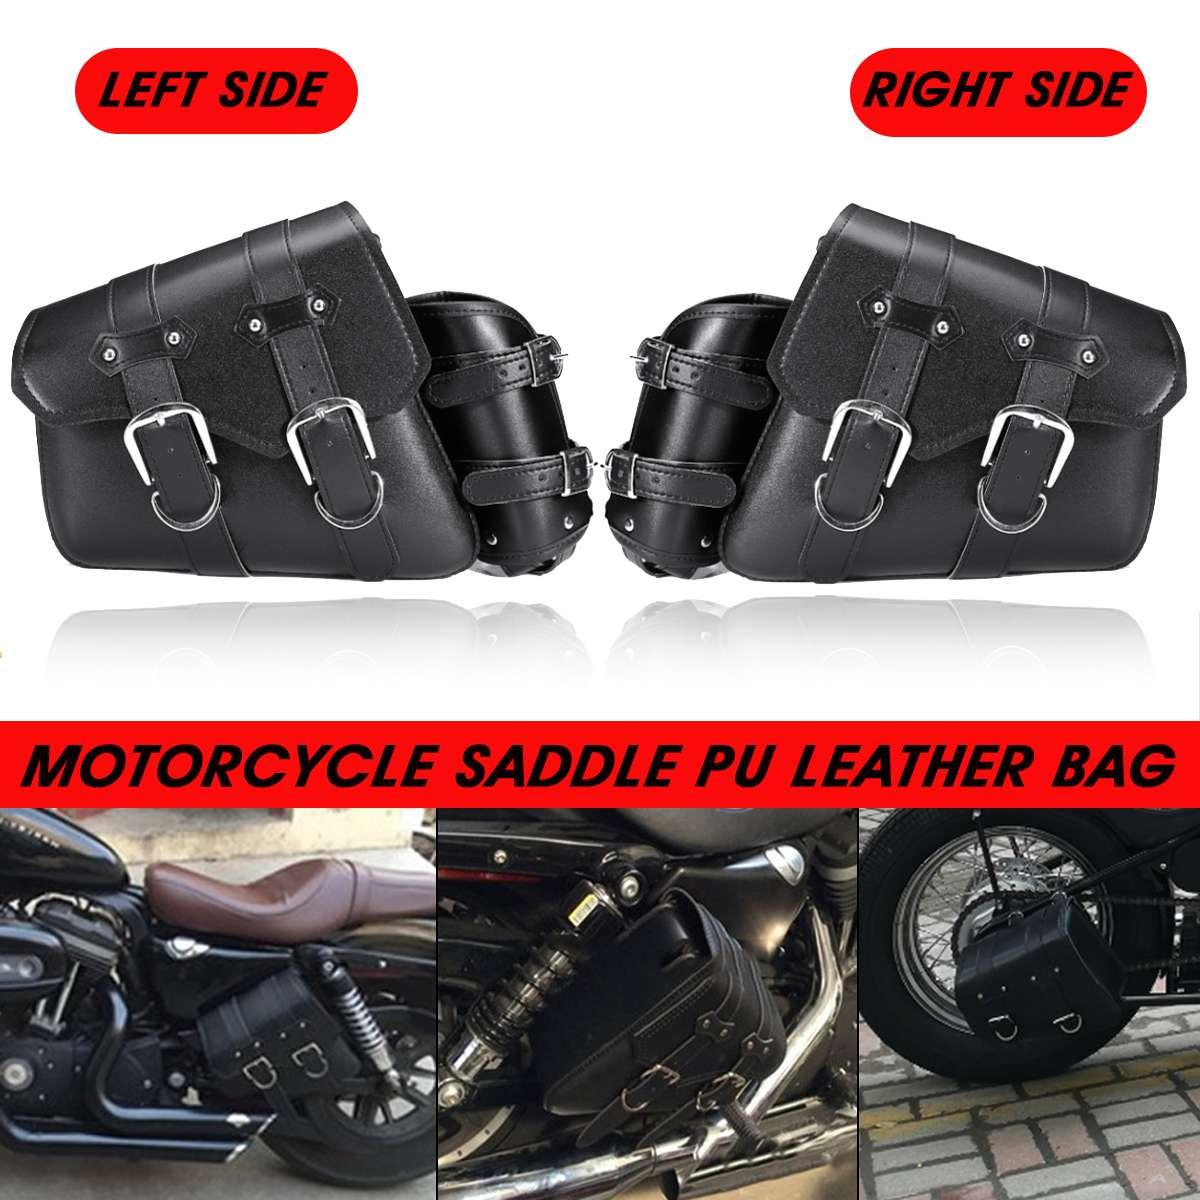 Universal PU Leather Motorcycle Saddle Bag Moto Bike Luggage Storage Saddlebags For Harley/Honda/Yamaha/Suzuki